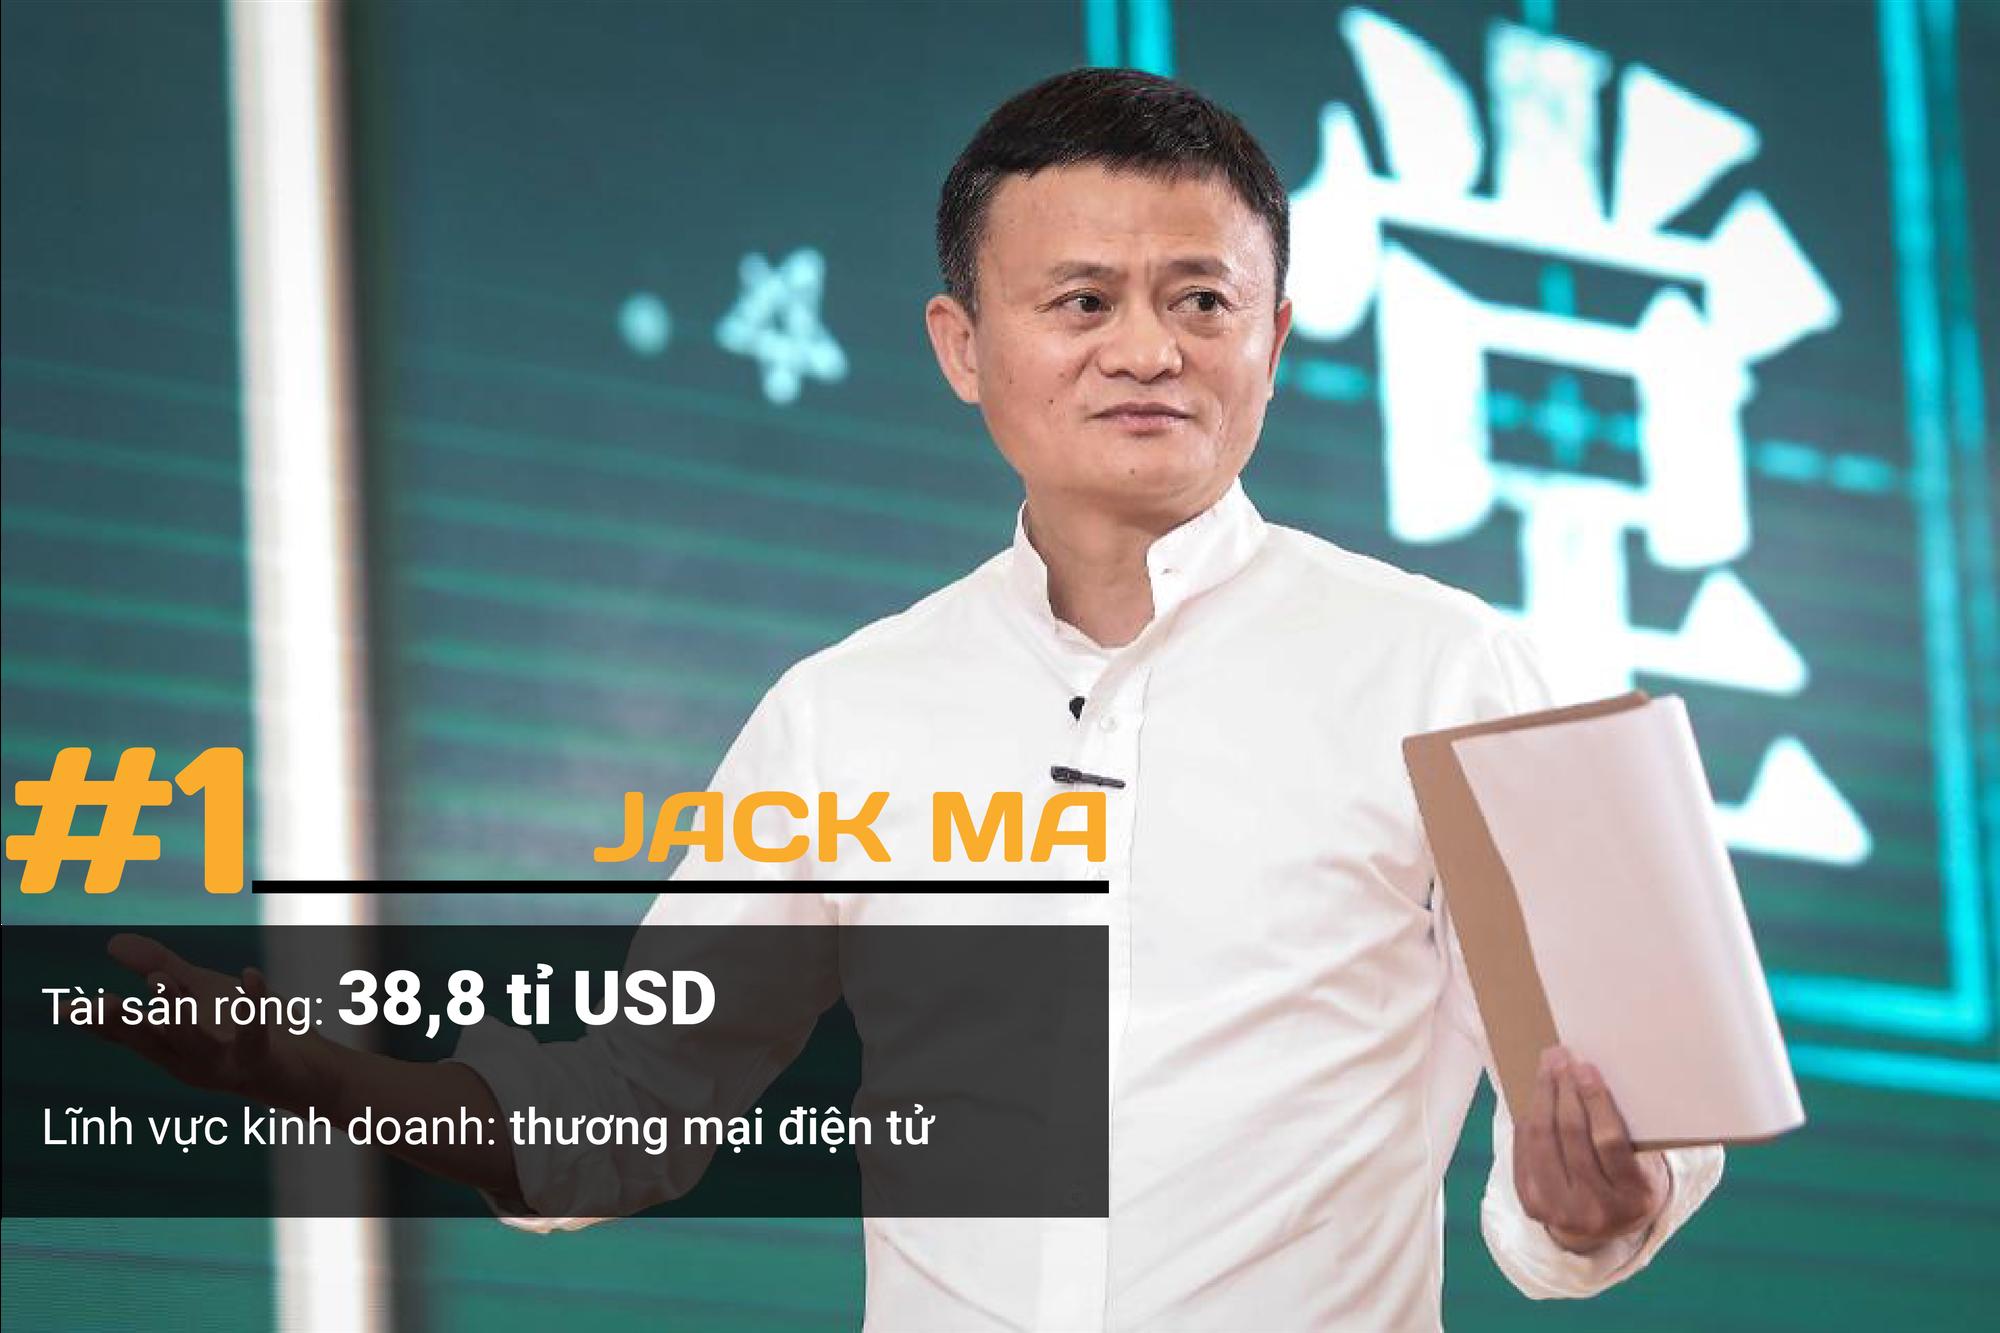 Jack Ma vẫn là người giàu nhất, Trung Quốc có tỉ phú nuôi heo - Ảnh 1.